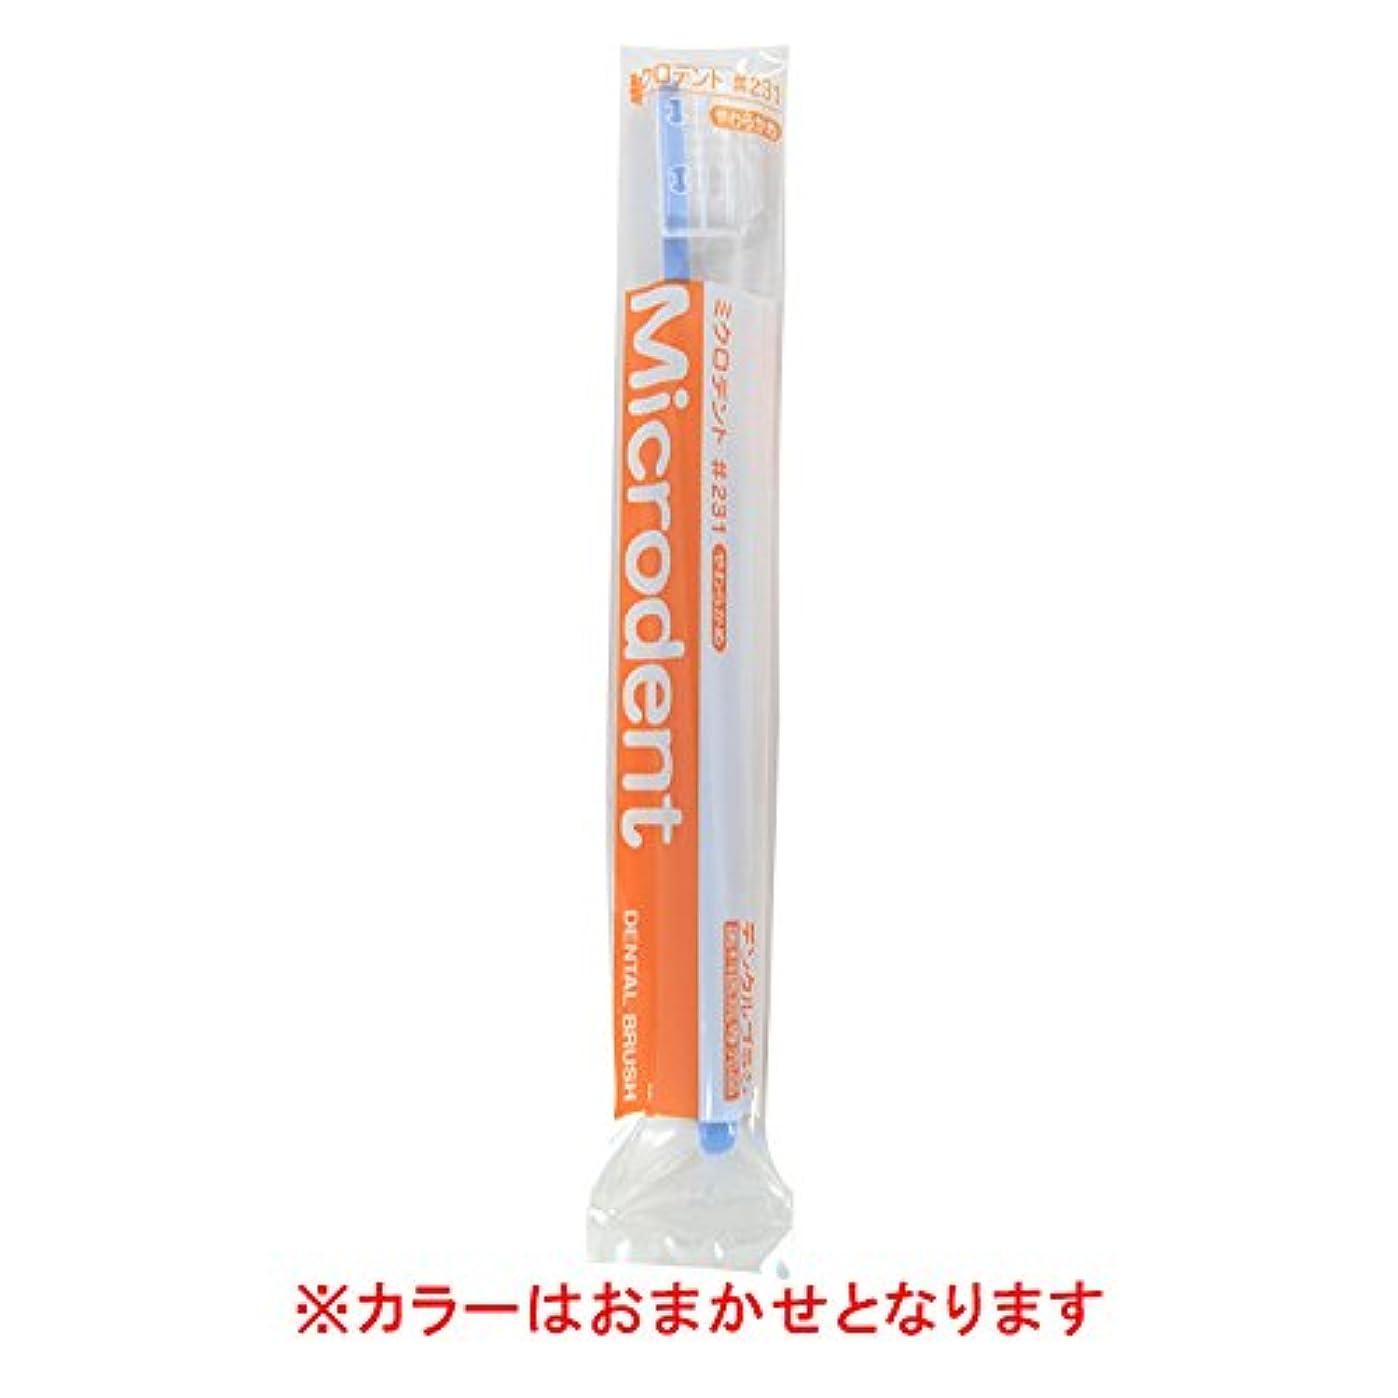 白水貿易 ミクロデント(Microdent) 1本 (#231)